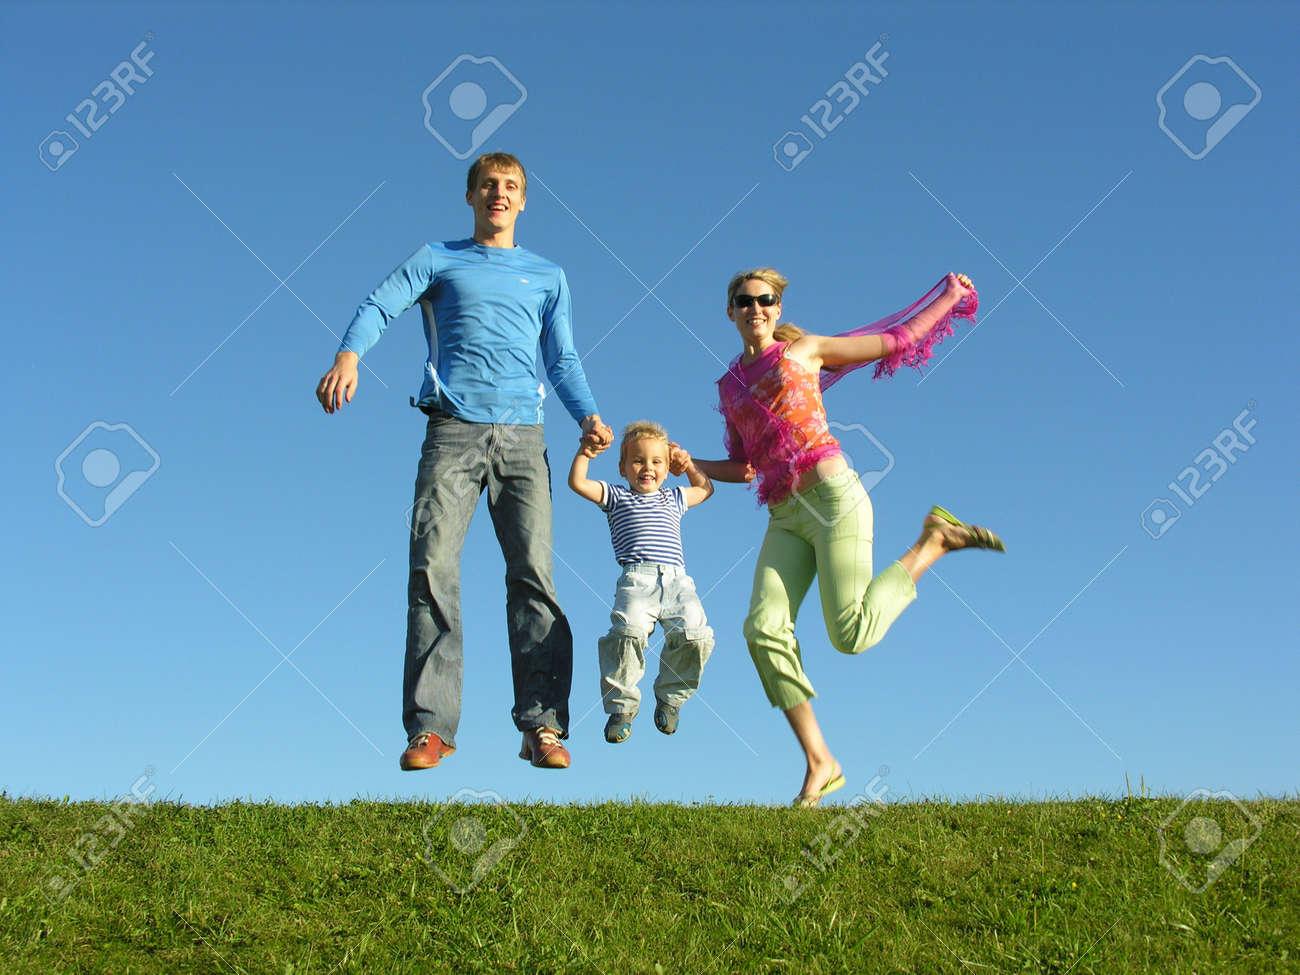 fly happy family on blue sky Stock Photo - 248995